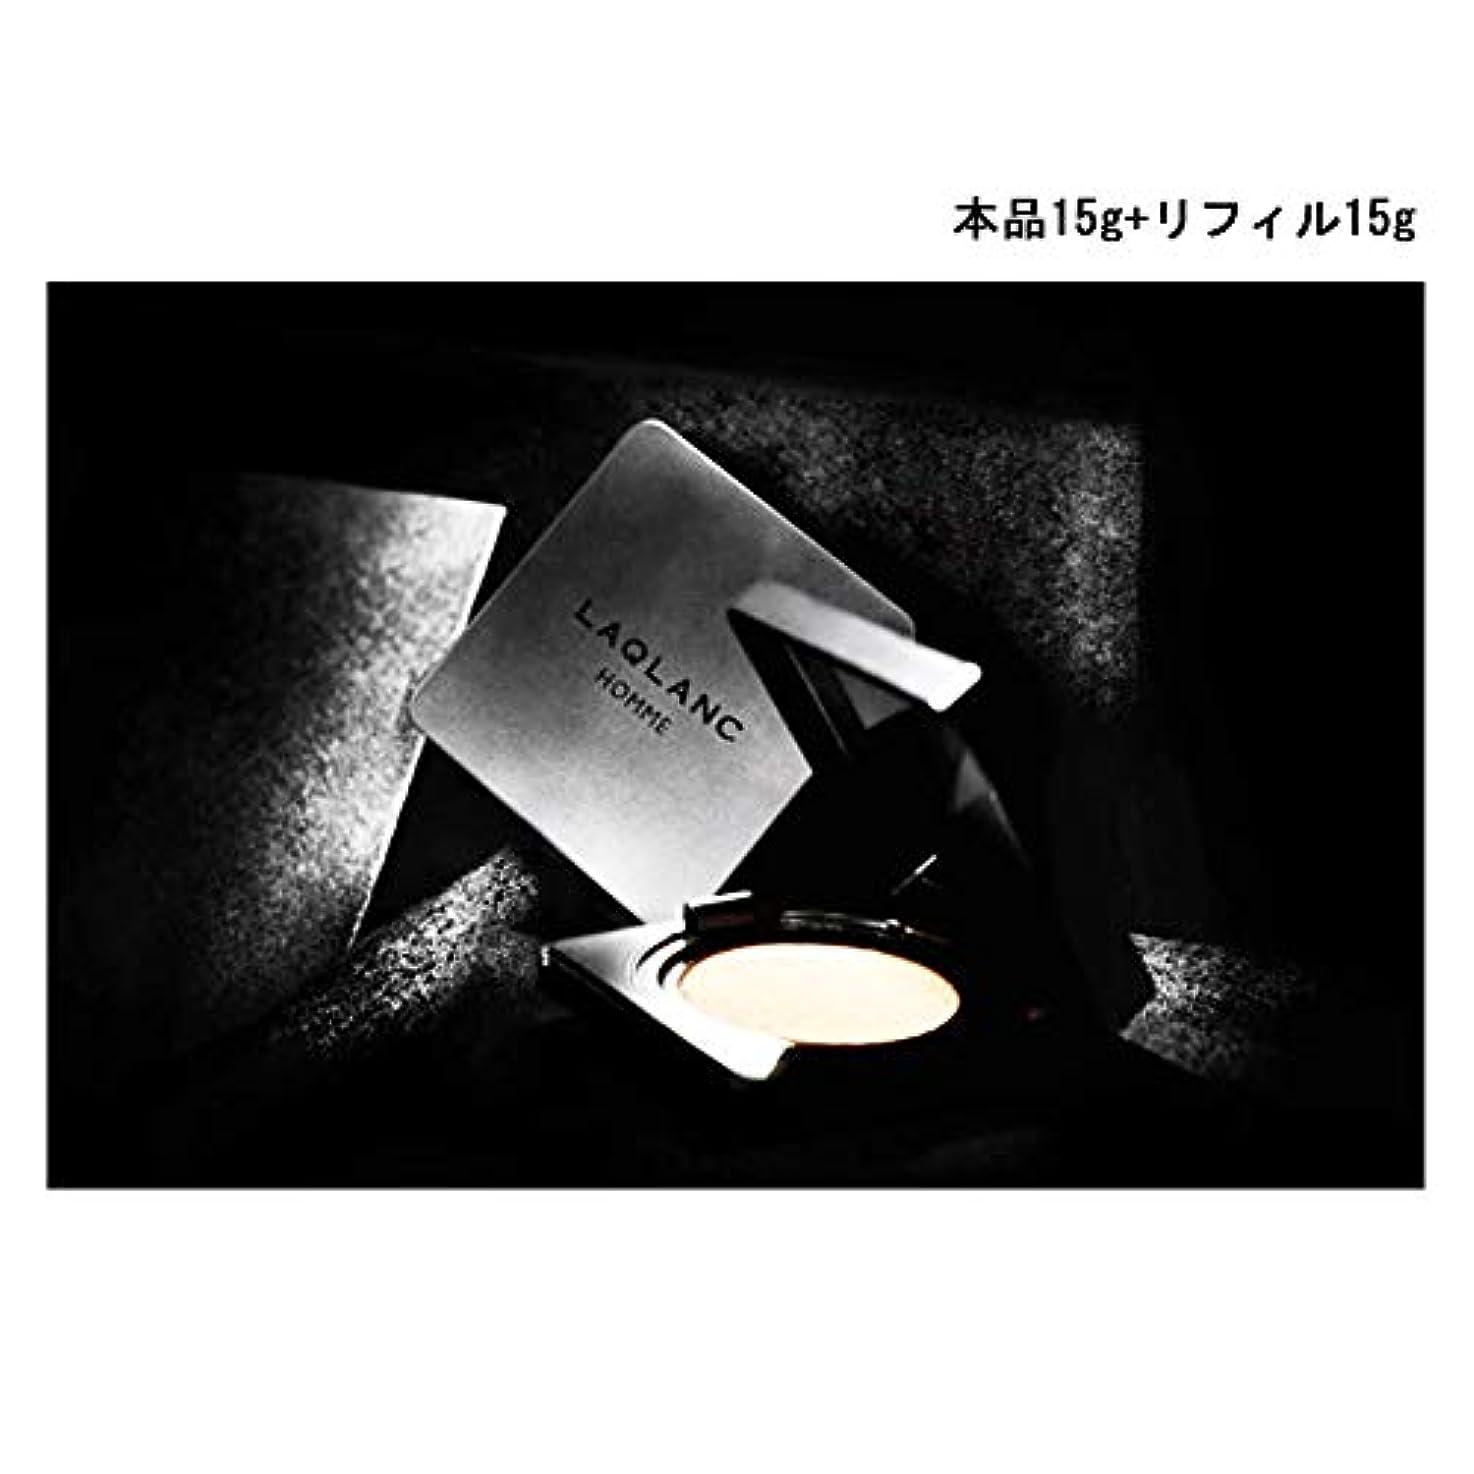 グレートバリアリーフ失敗長老(Laqlanc)大人気 10秒完成 ナチュラル 肌色アップ 紫外線遮断 ホワイトニング 男性 エアクッション 15g +リフィル 15g [海外配送品] [並行輸入品]